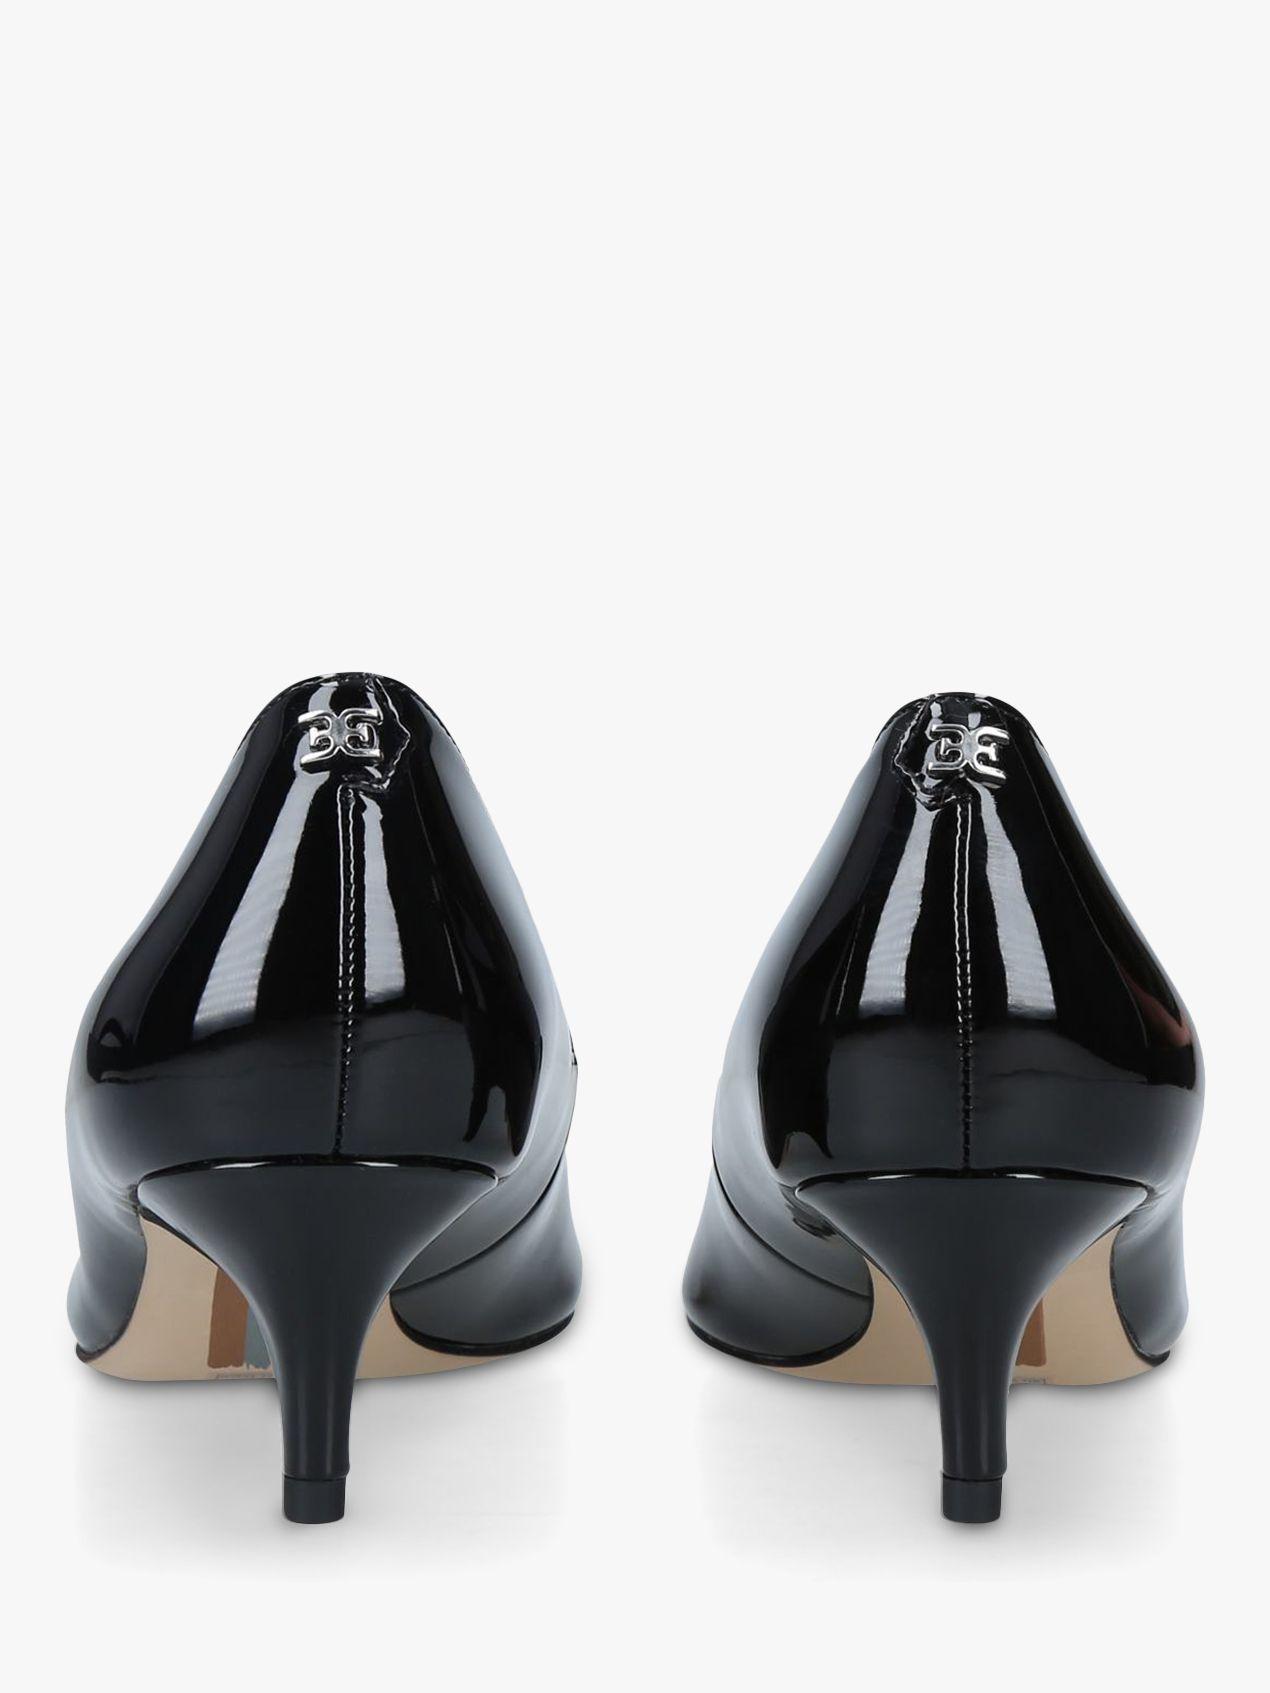 Sam Edelman Dori Kitten Heel Leather Court Shoes Black Patent Leather Court Shoes Sam Edelman Heels Kitten Heels